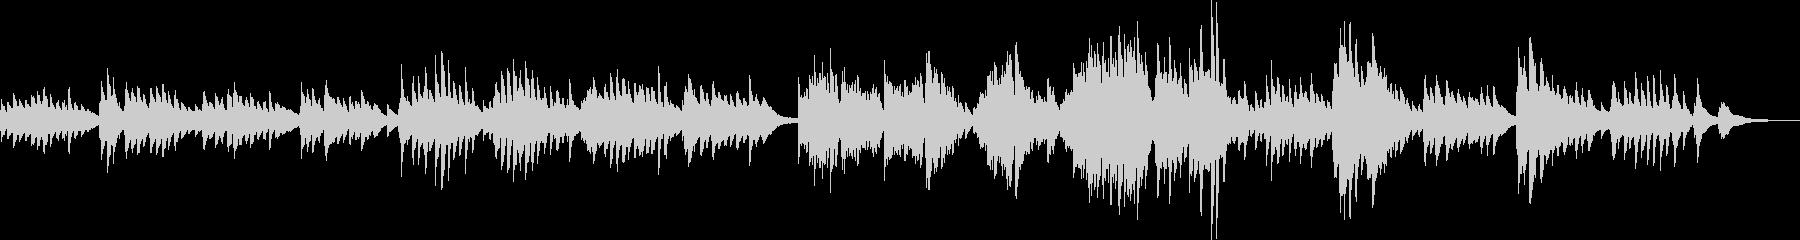 少し切ない和風なピアノBGM(生演奏)の未再生の波形